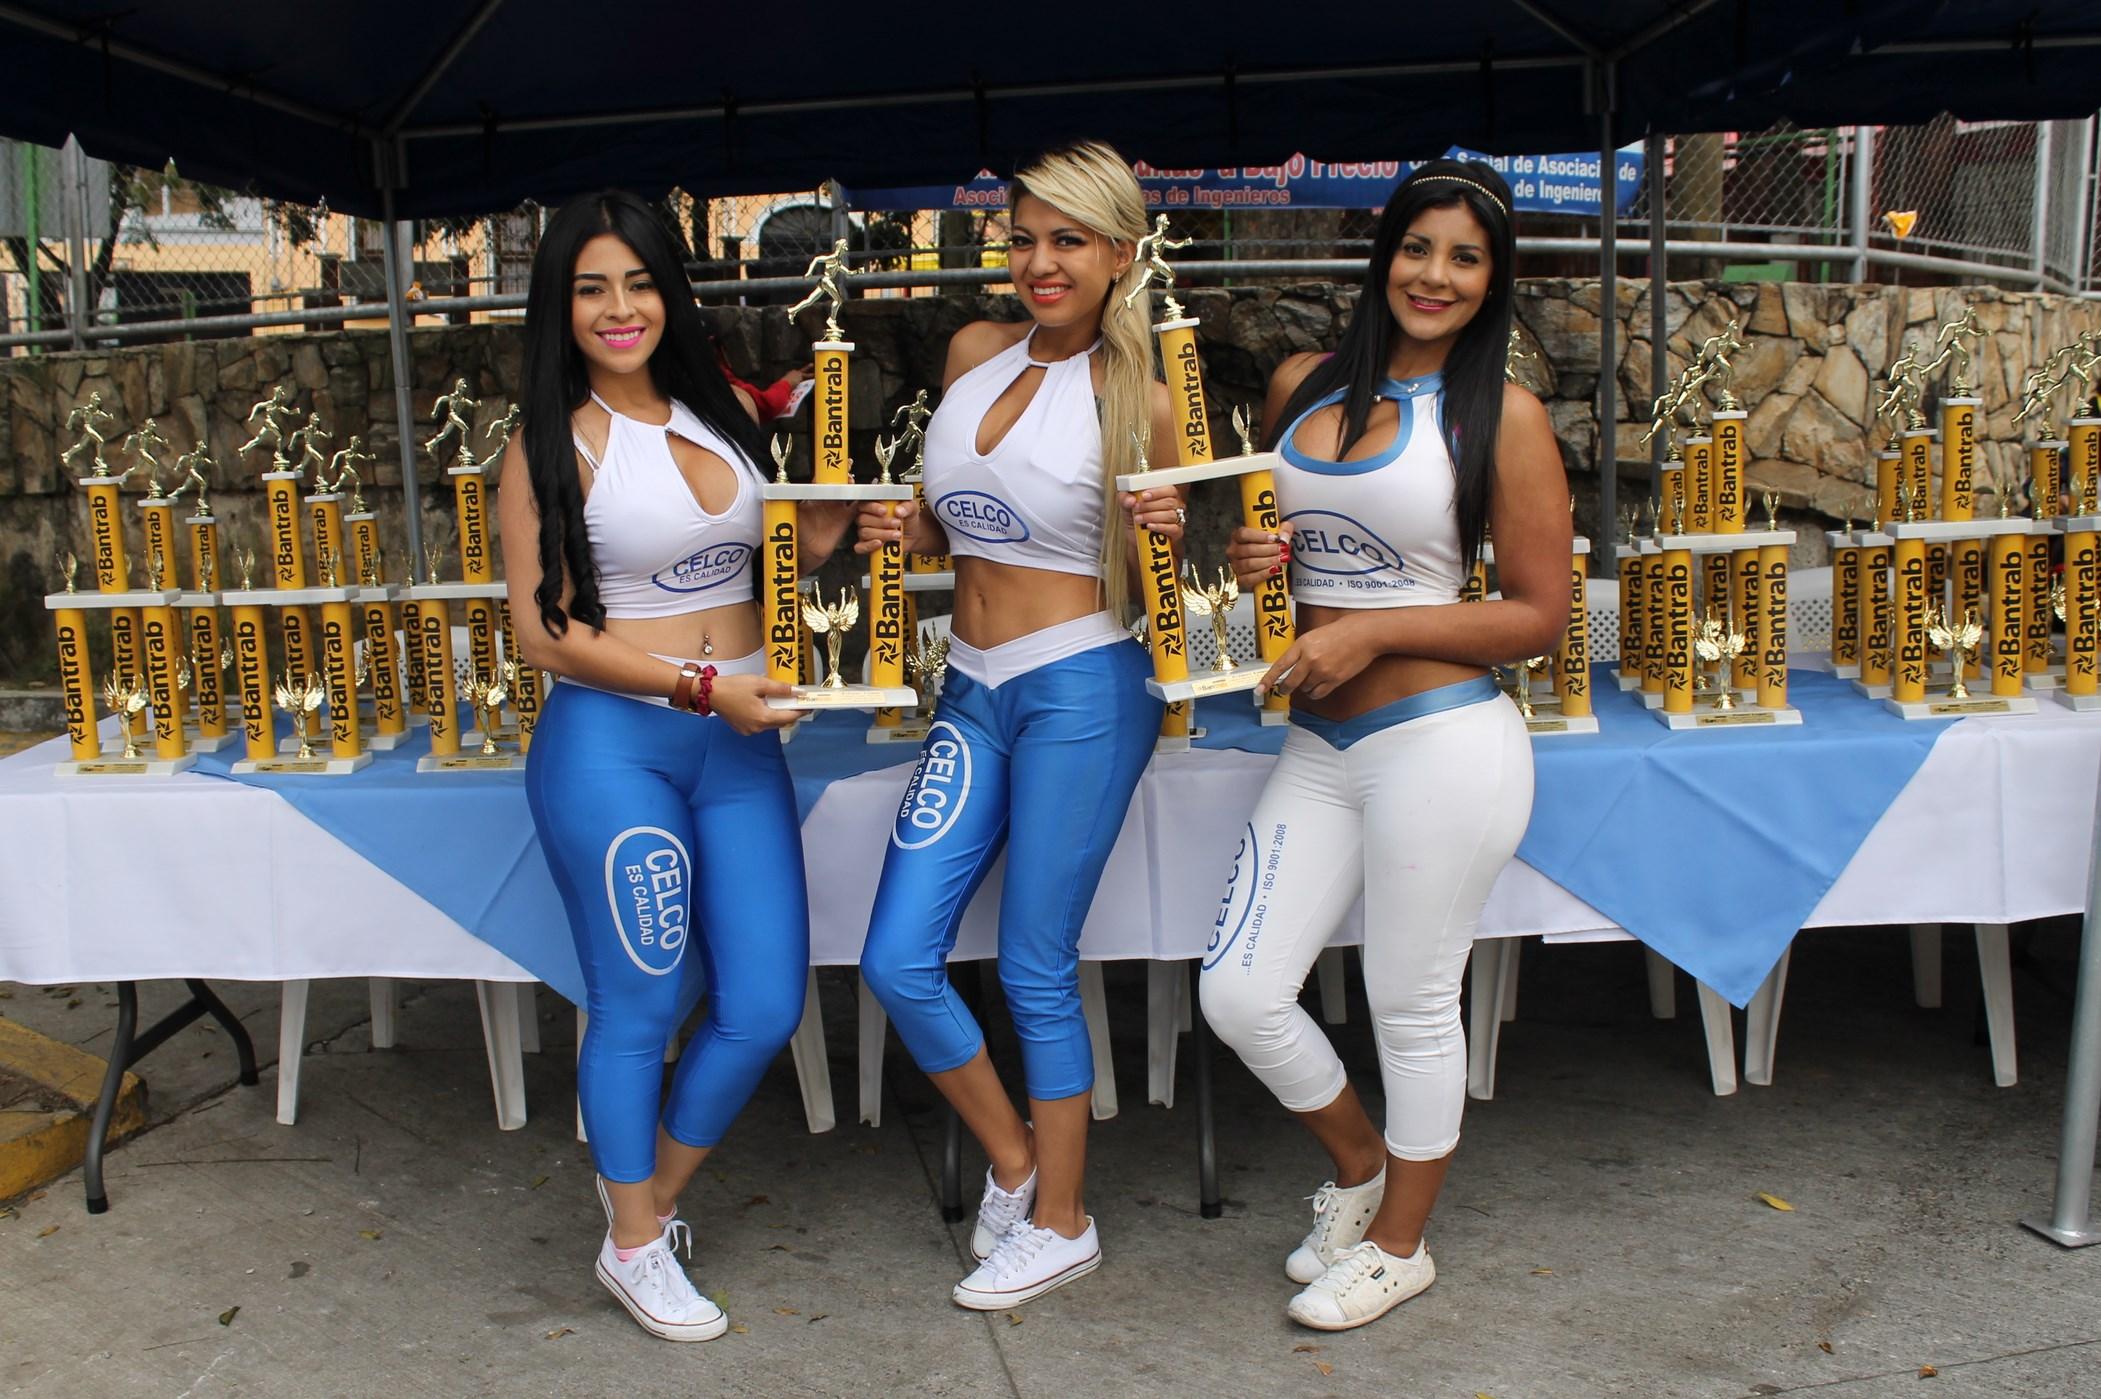 (((FOTOS))) Las chicas que fueron a la Carrera del Ingeniero